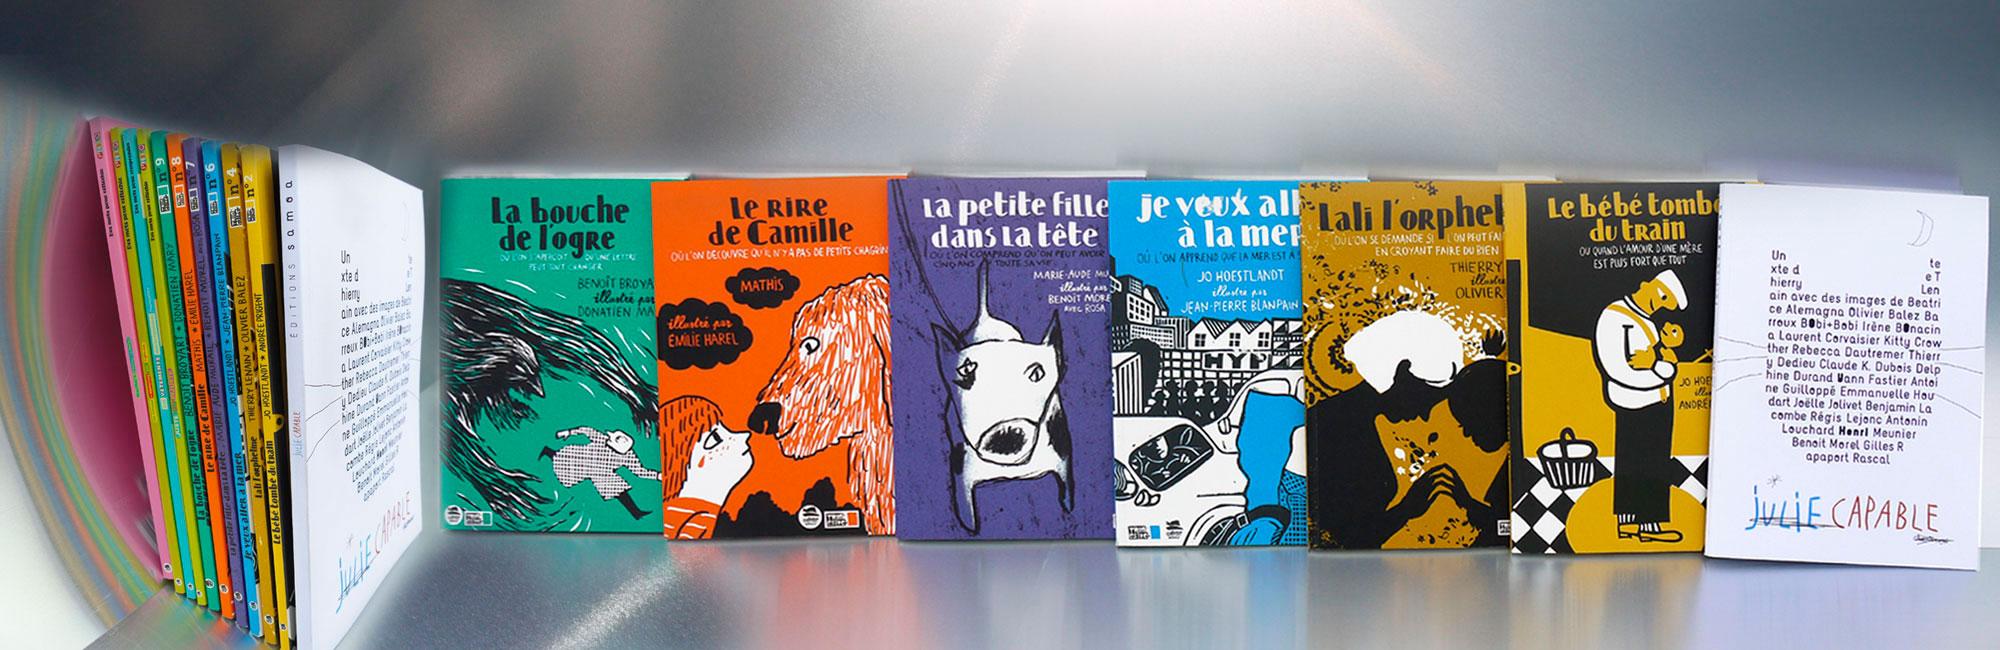 Impression d'une série de livres illustrés